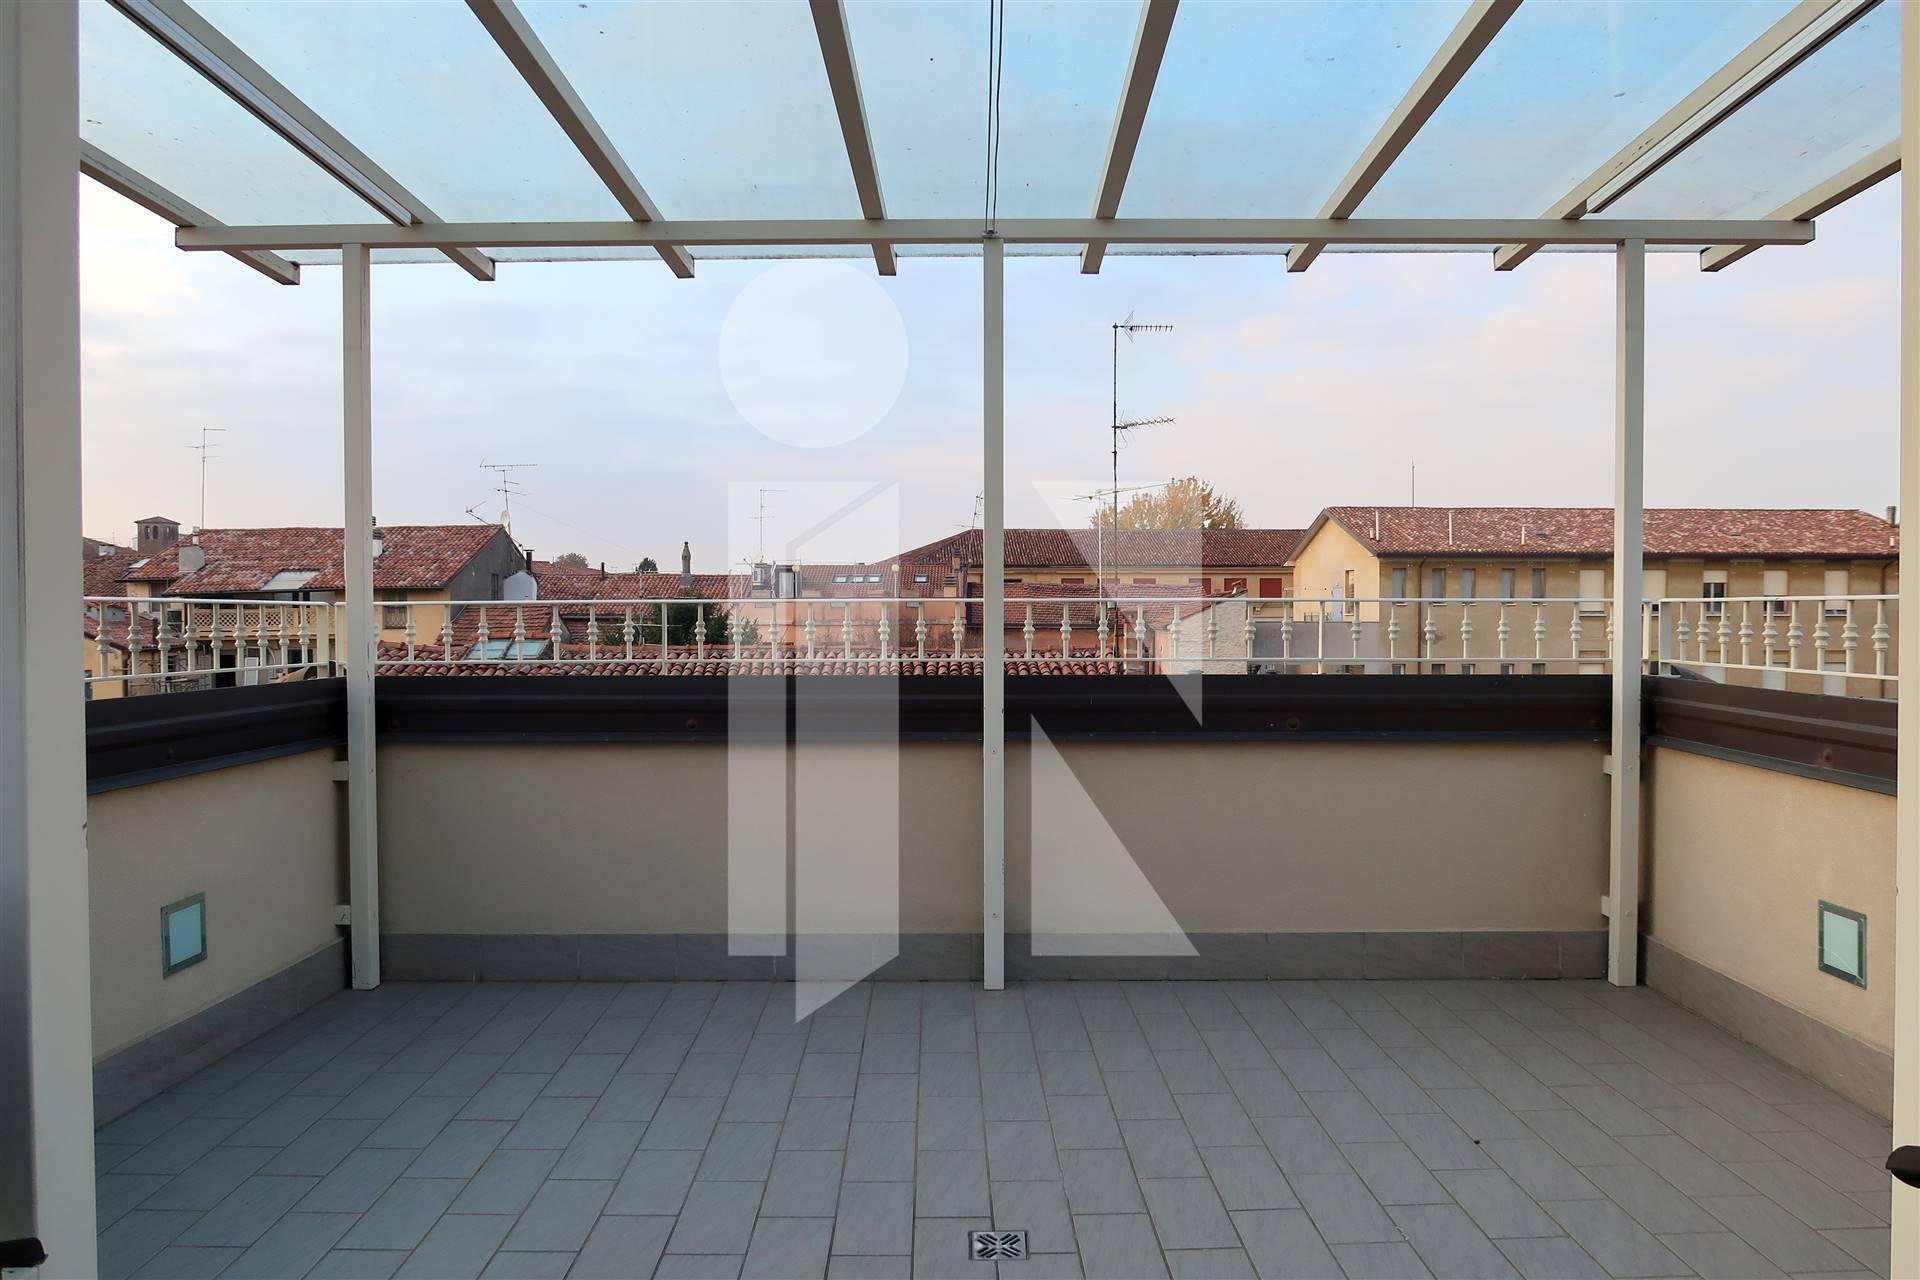 Attico con terrazze e doppio garage